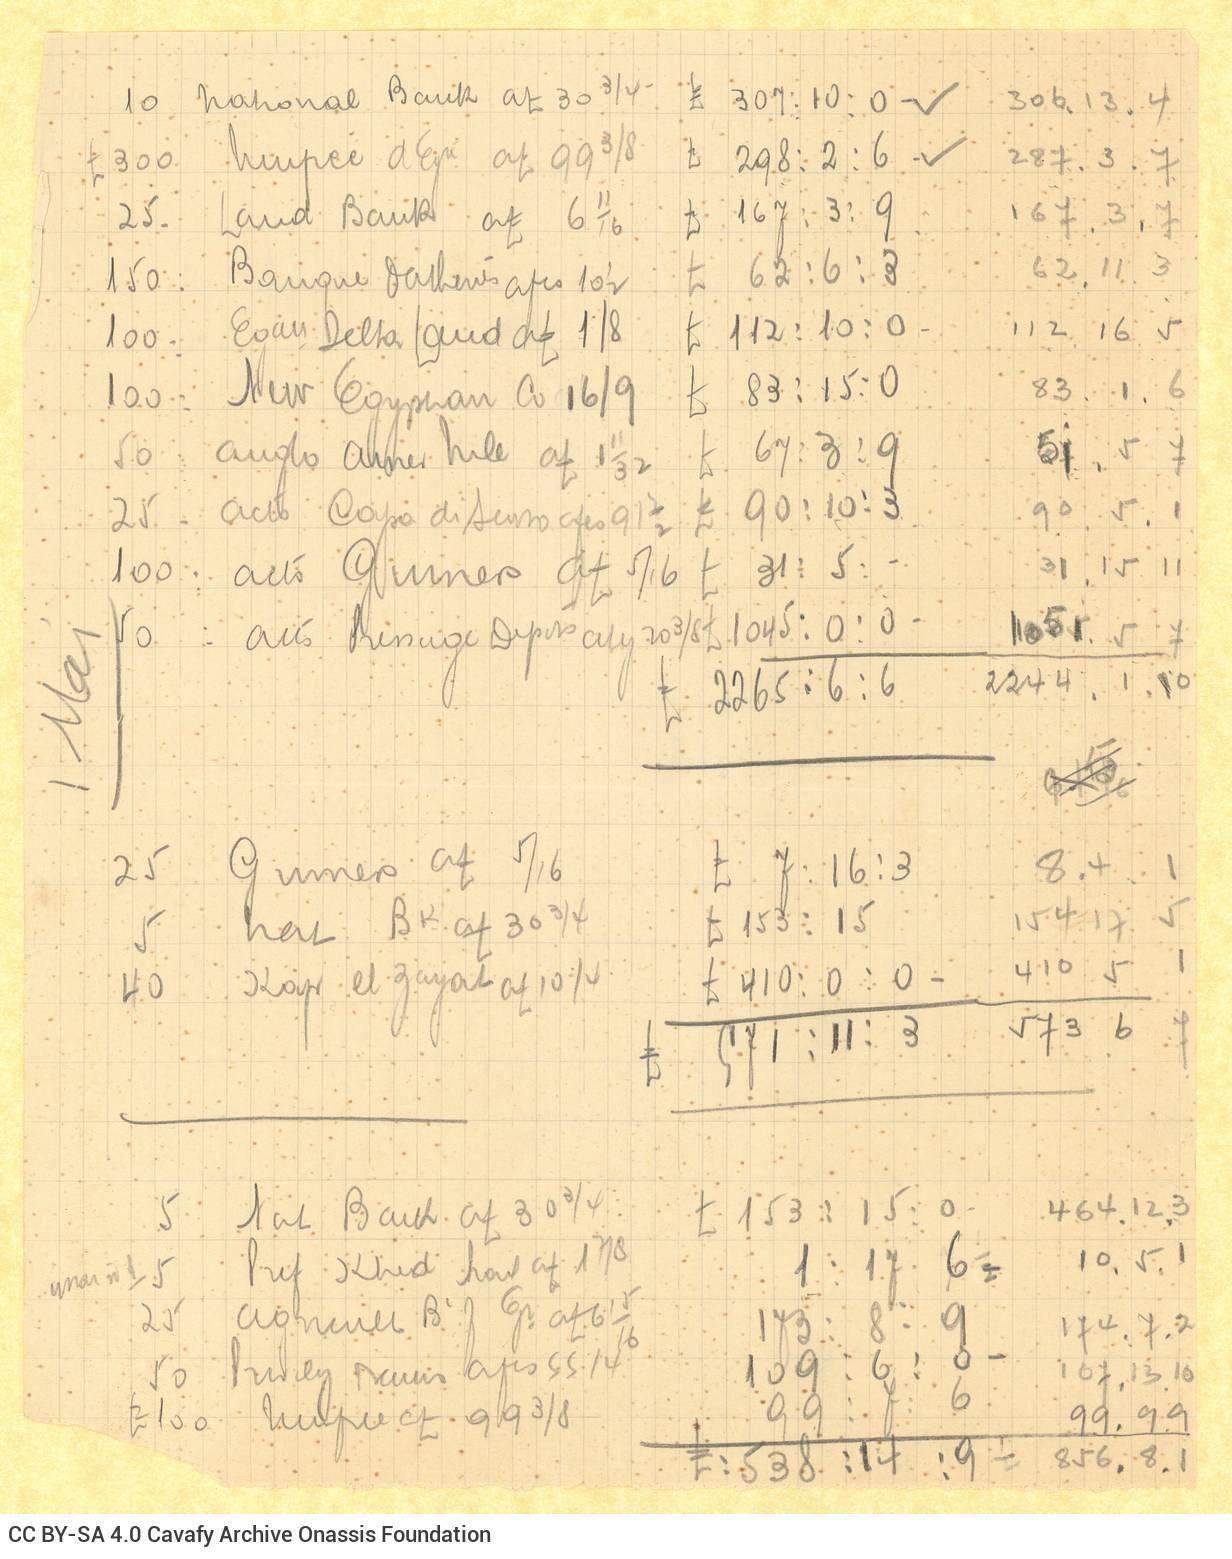 Χειρόγραφος κατάλογος μετοχών, διαφόρων τραπεζών και επιχειρήσεων,